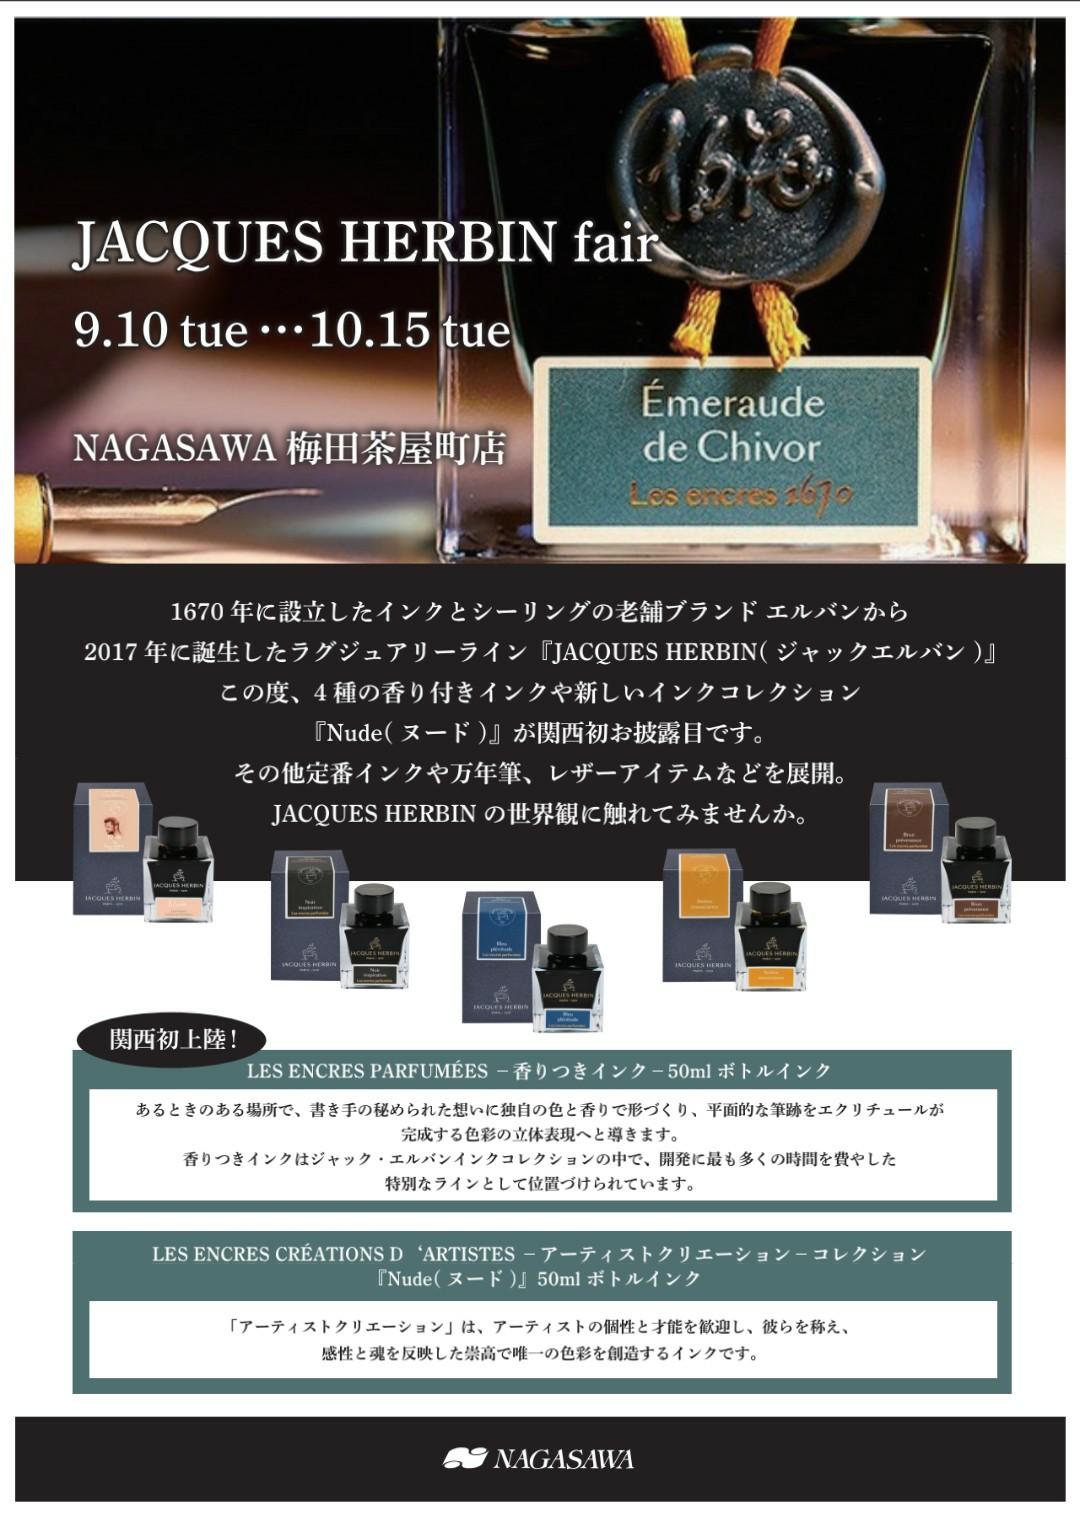 JACQUES HERBIN fair